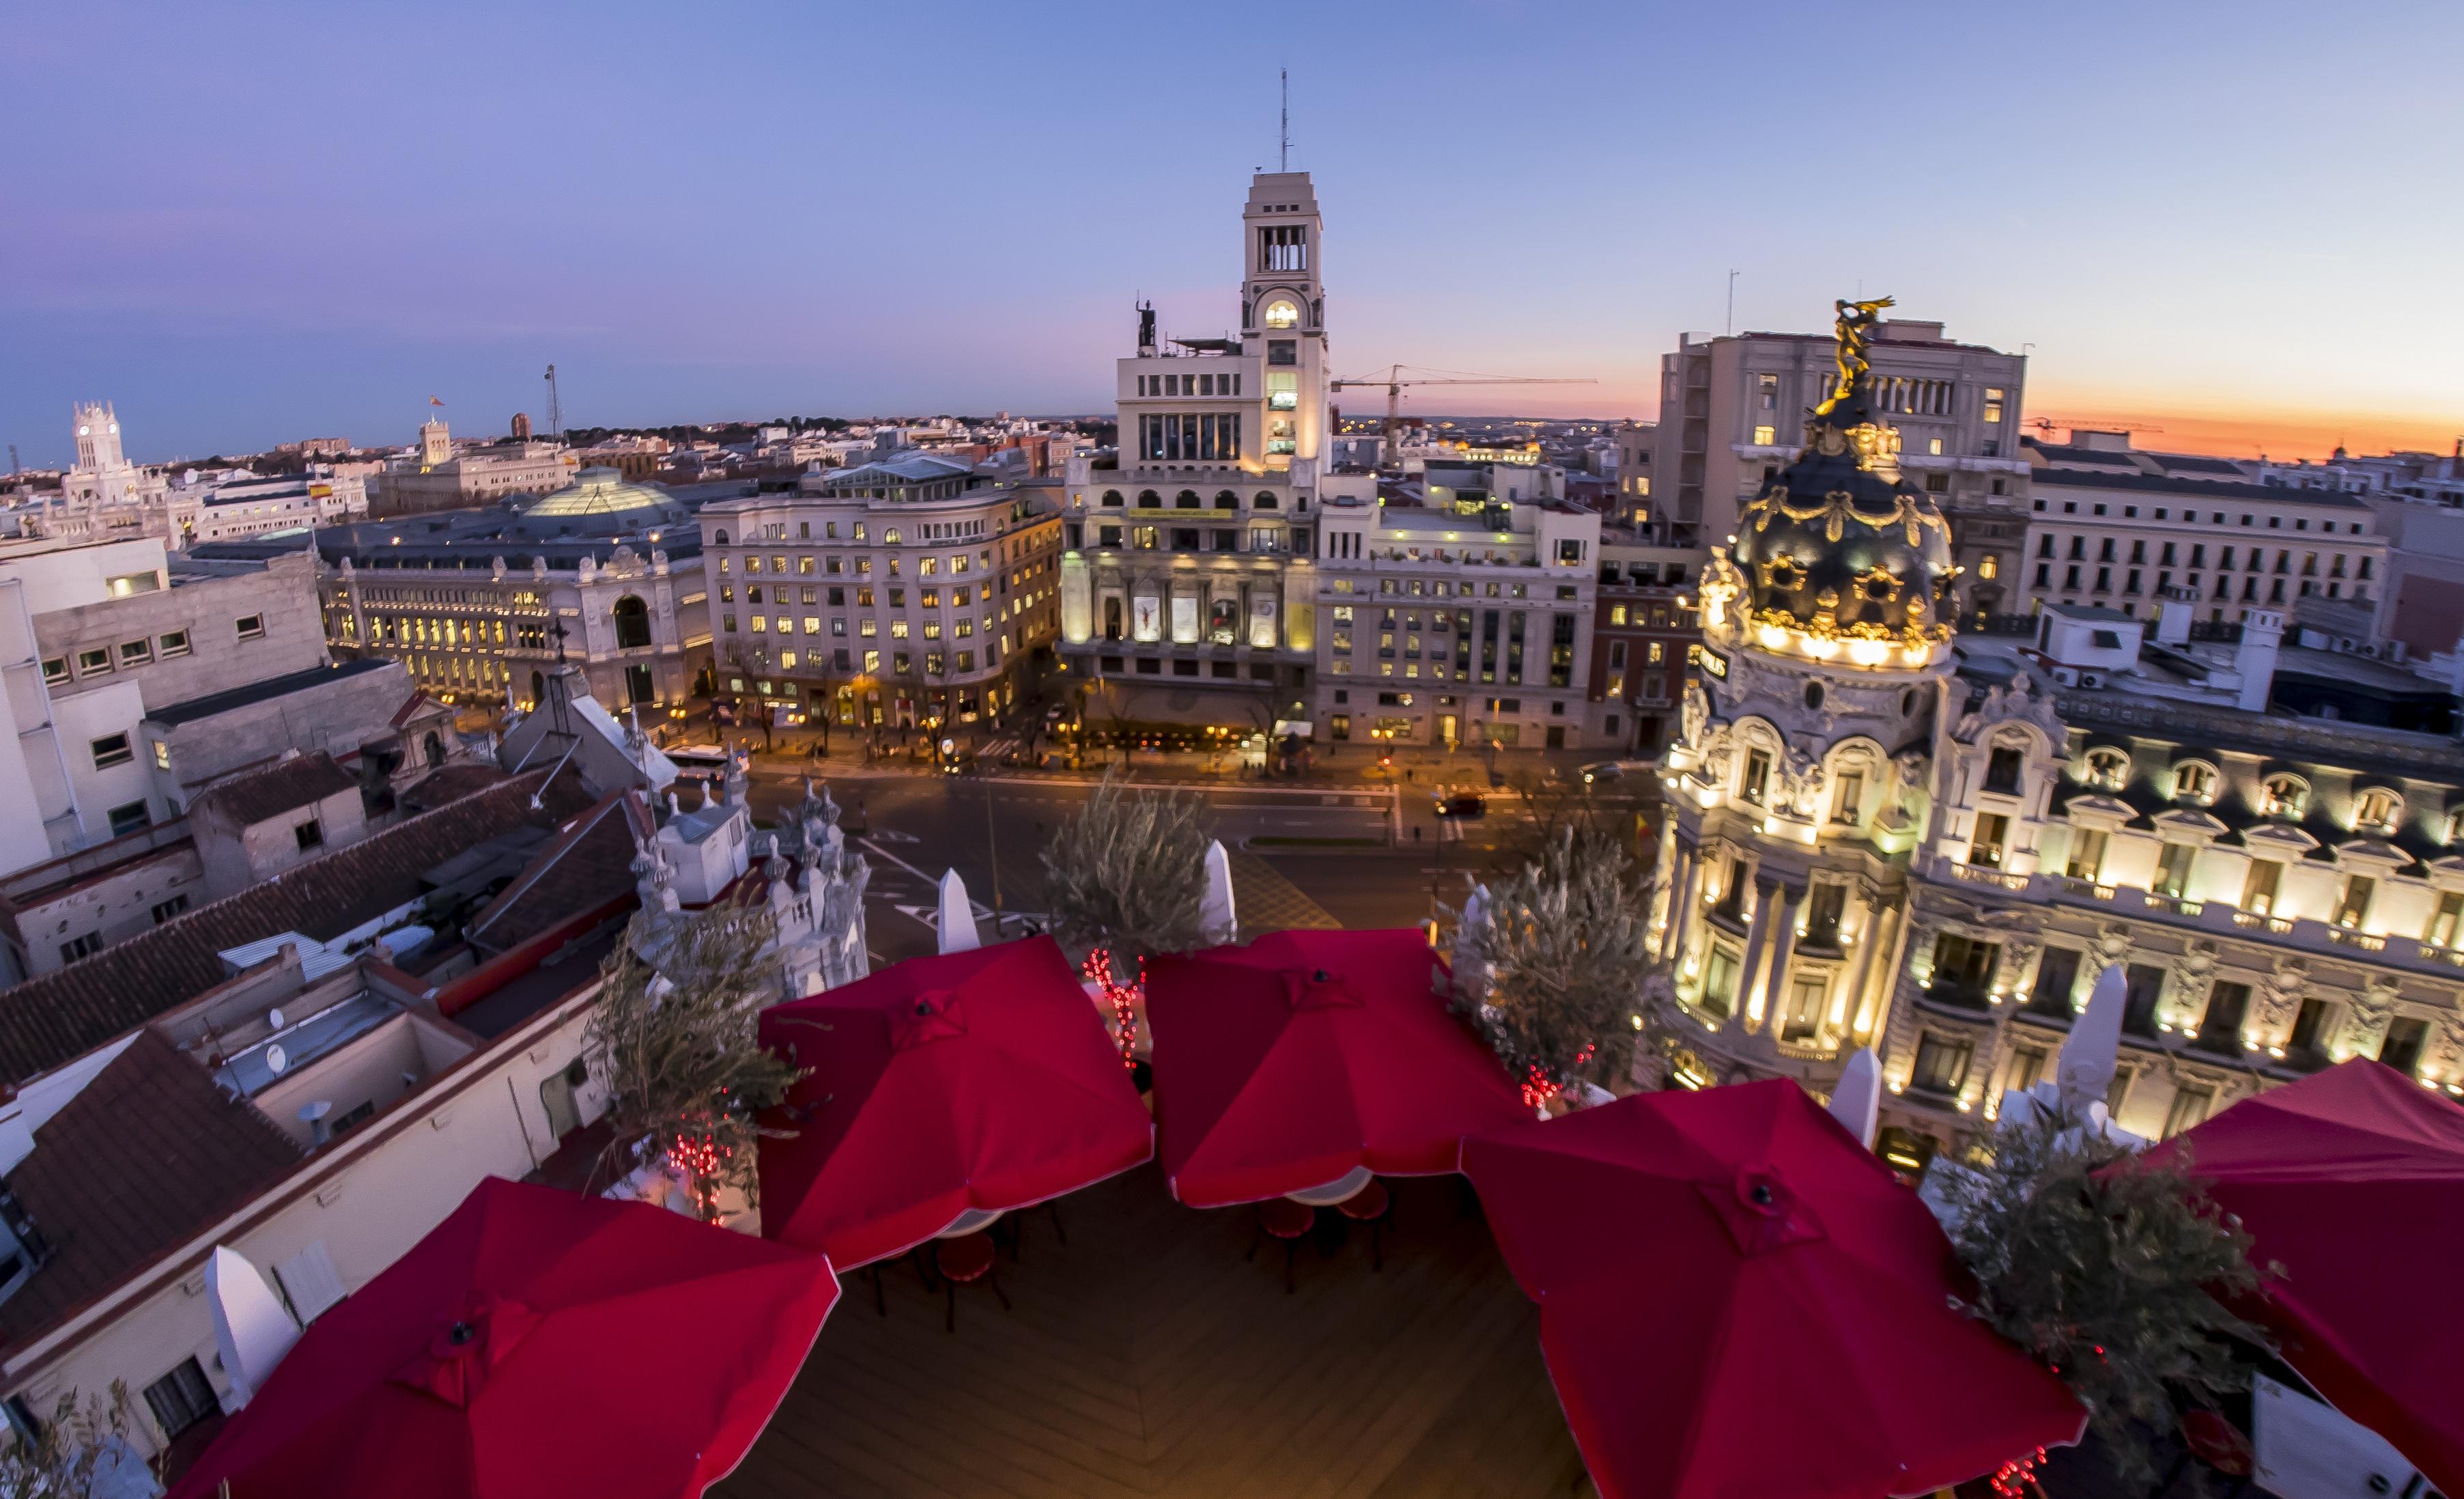 Las 5 nuevas terrazas de hoteles en madrid lagastronoma com for Hoteles vanguardistas en madrid